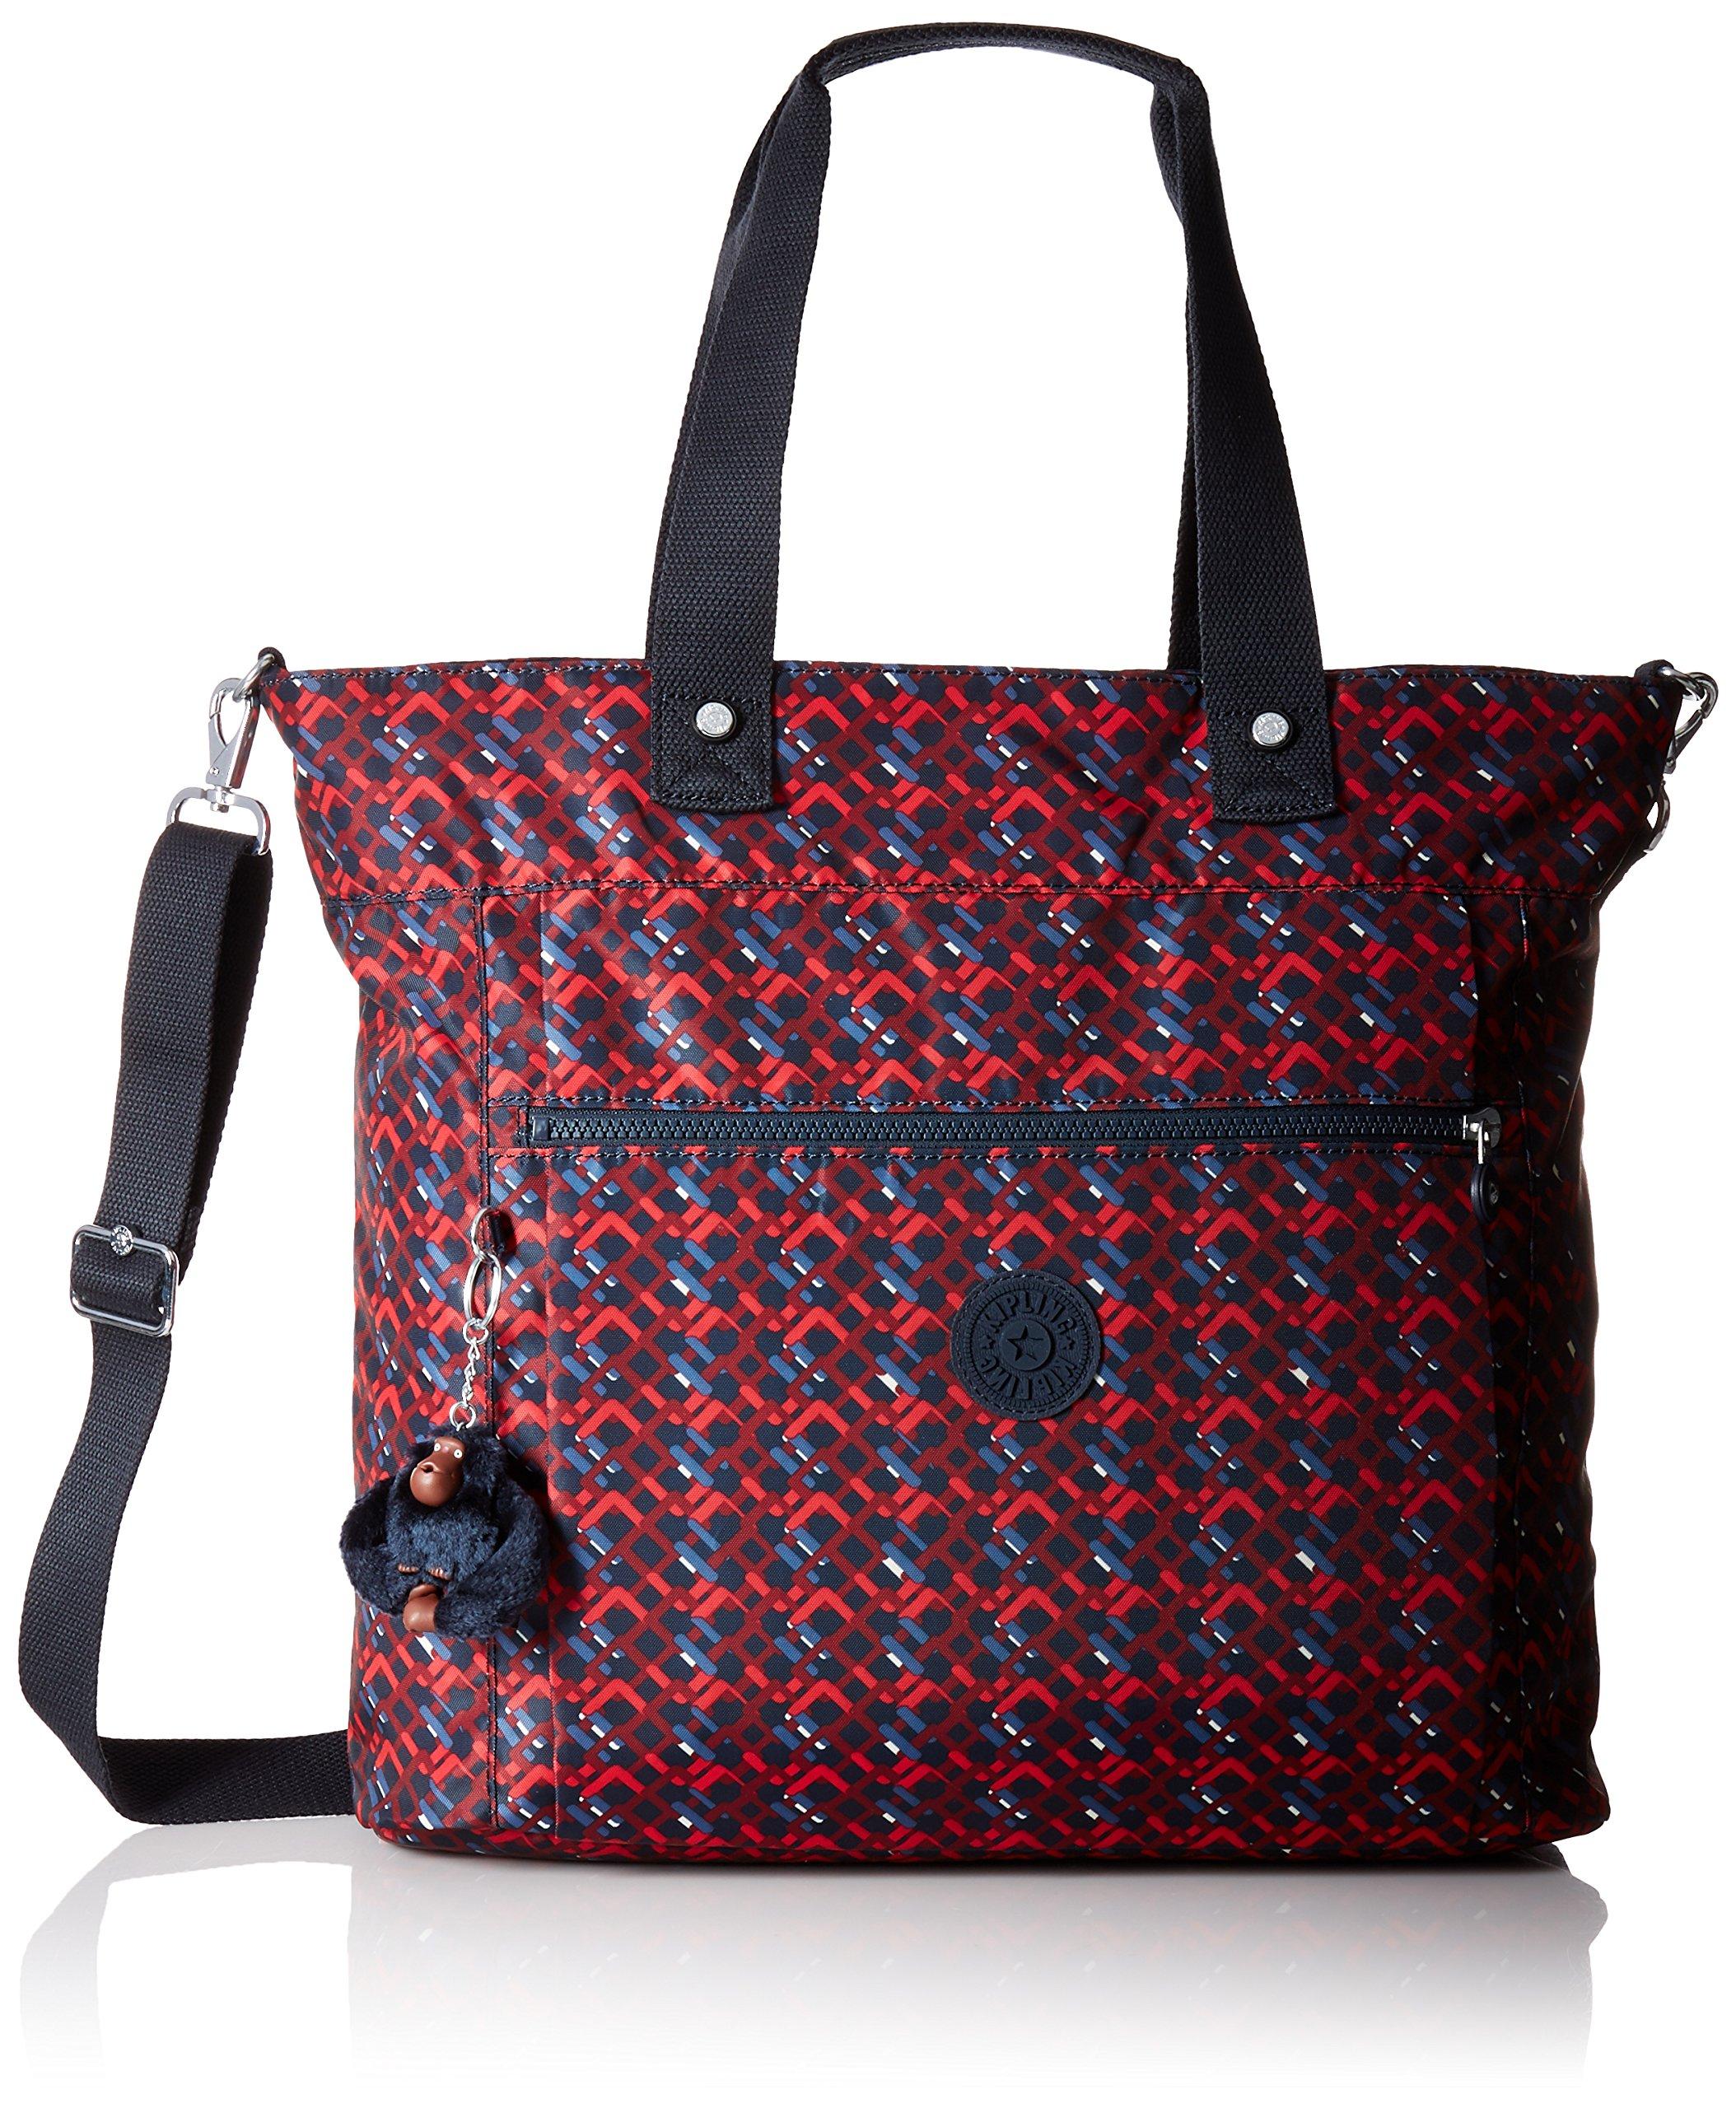 Lizzie Printed Laptop Tote Shoulder Bag, Groovy Lines, One Size by Kipling